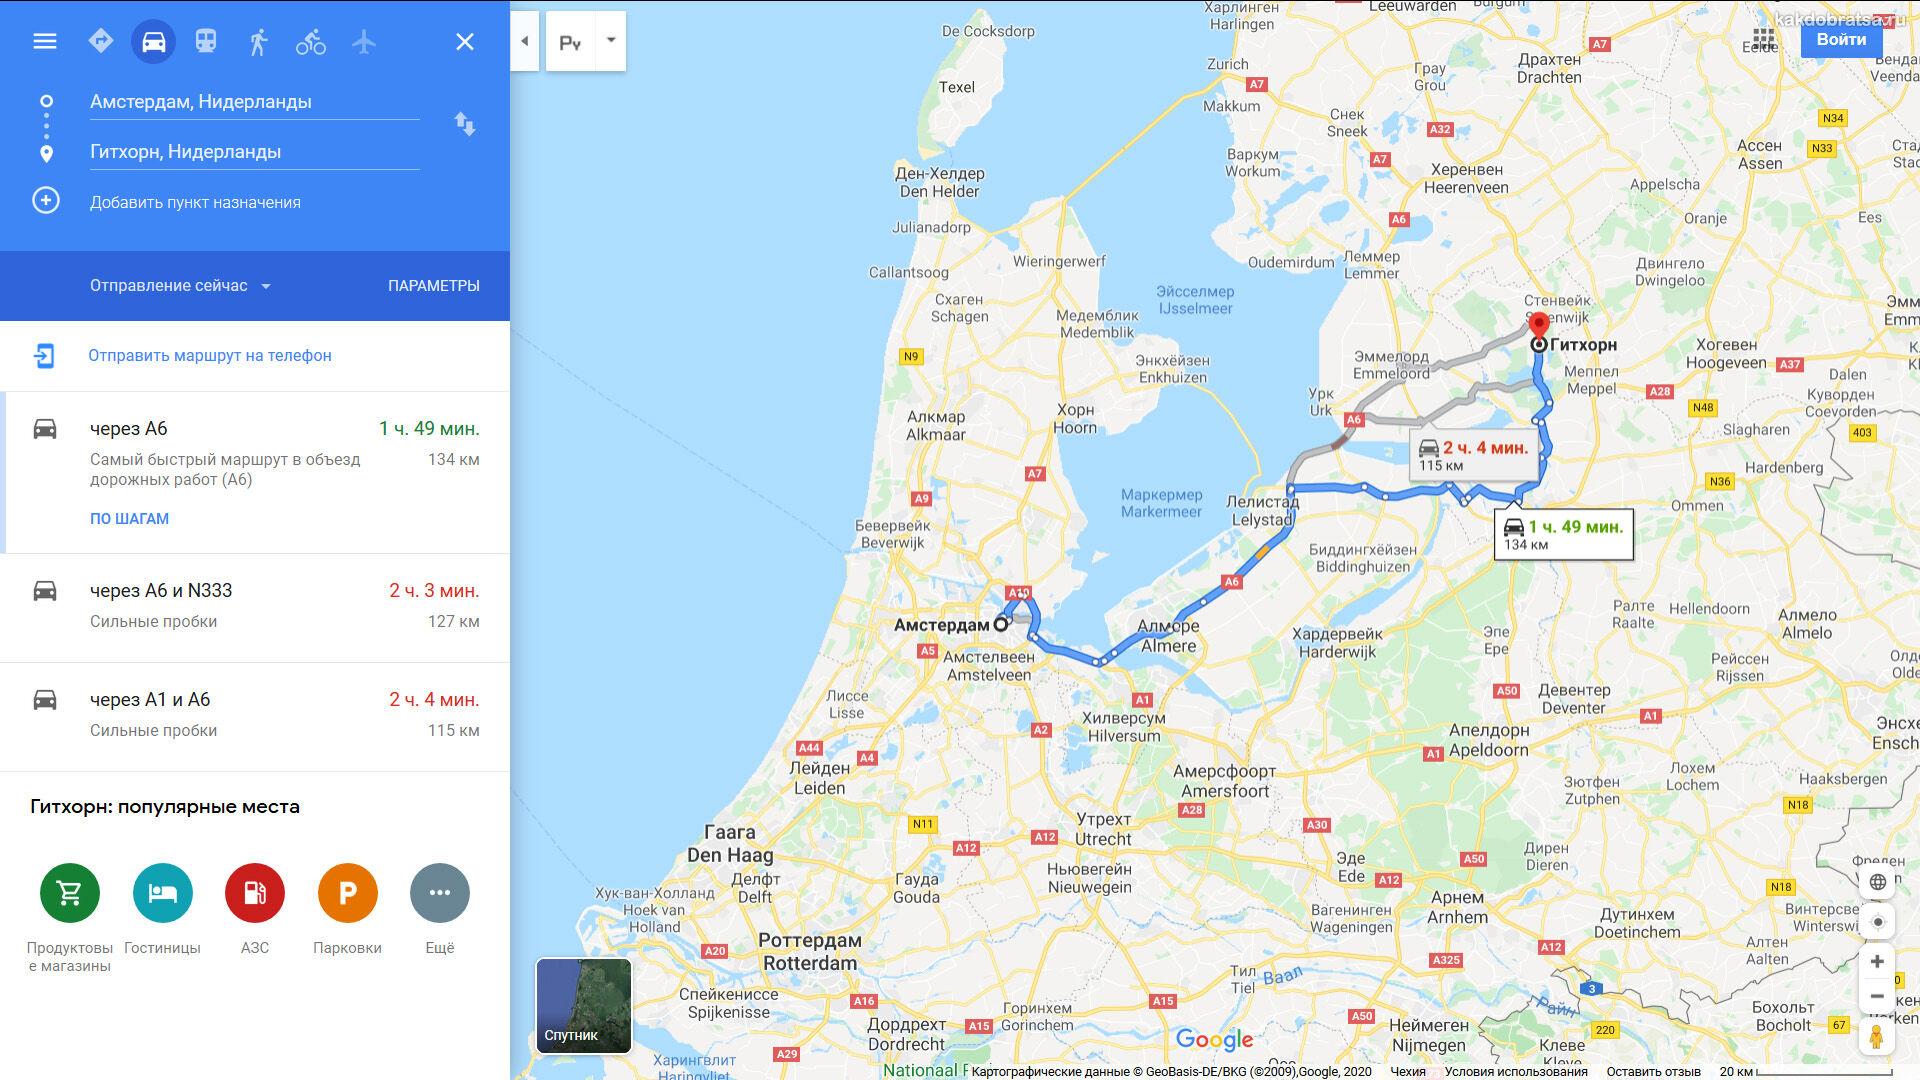 Амстердама Гитхорн расстояние и время в пути по карте